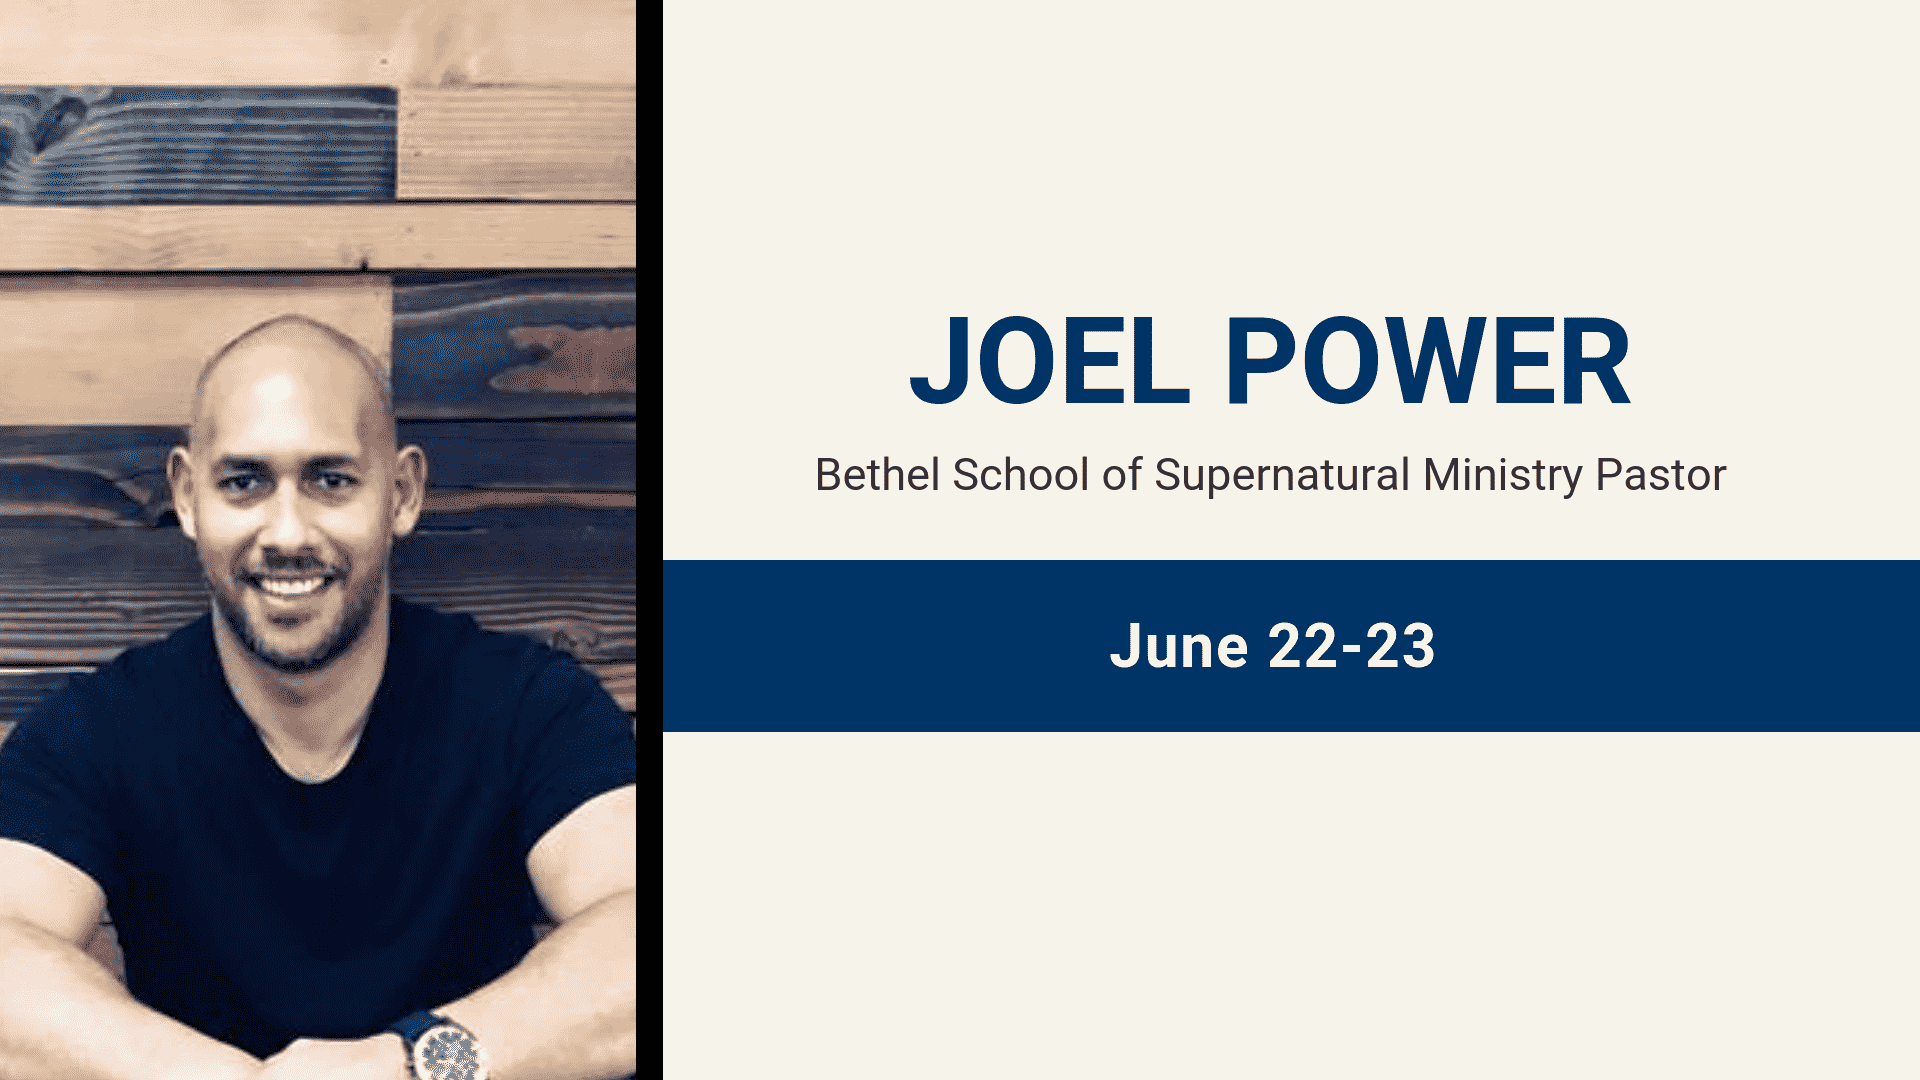 Joel Power, Bethel School of Supernatural Ministry